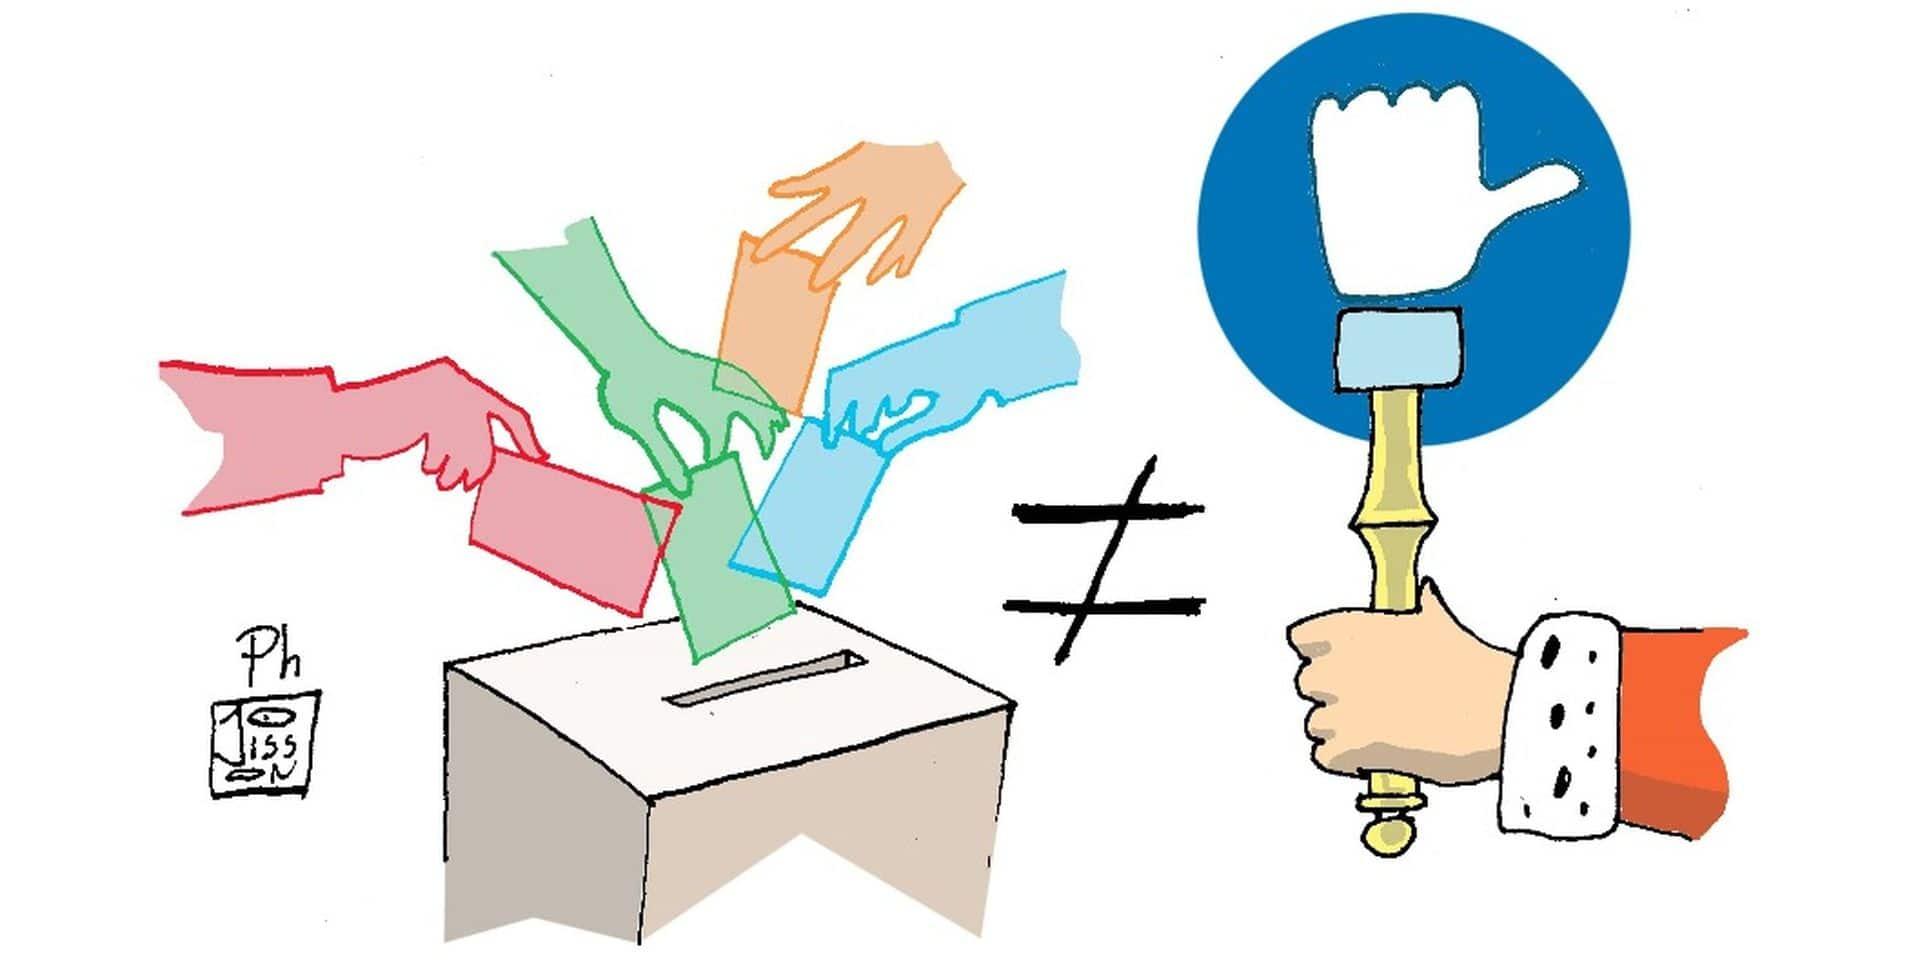 Démocratie participative et réseaux sociaux : la partie est serrée